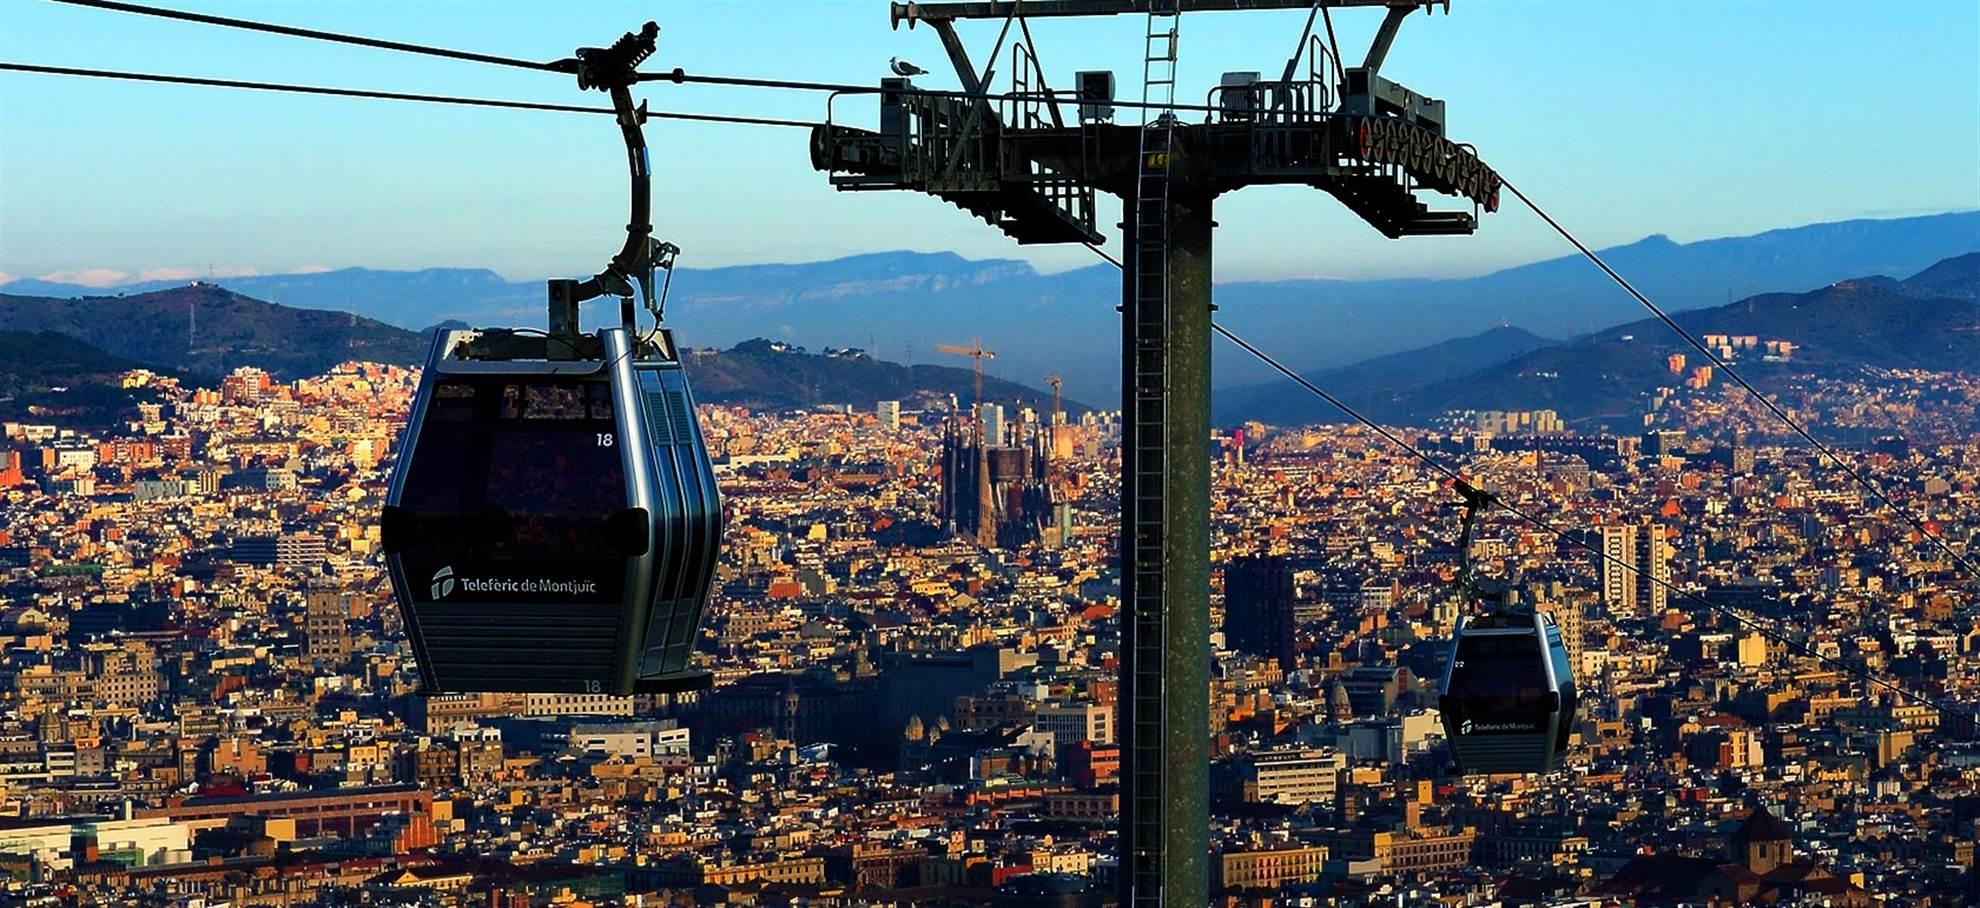 Funivia Barcellona - Teleferica del Montjuic